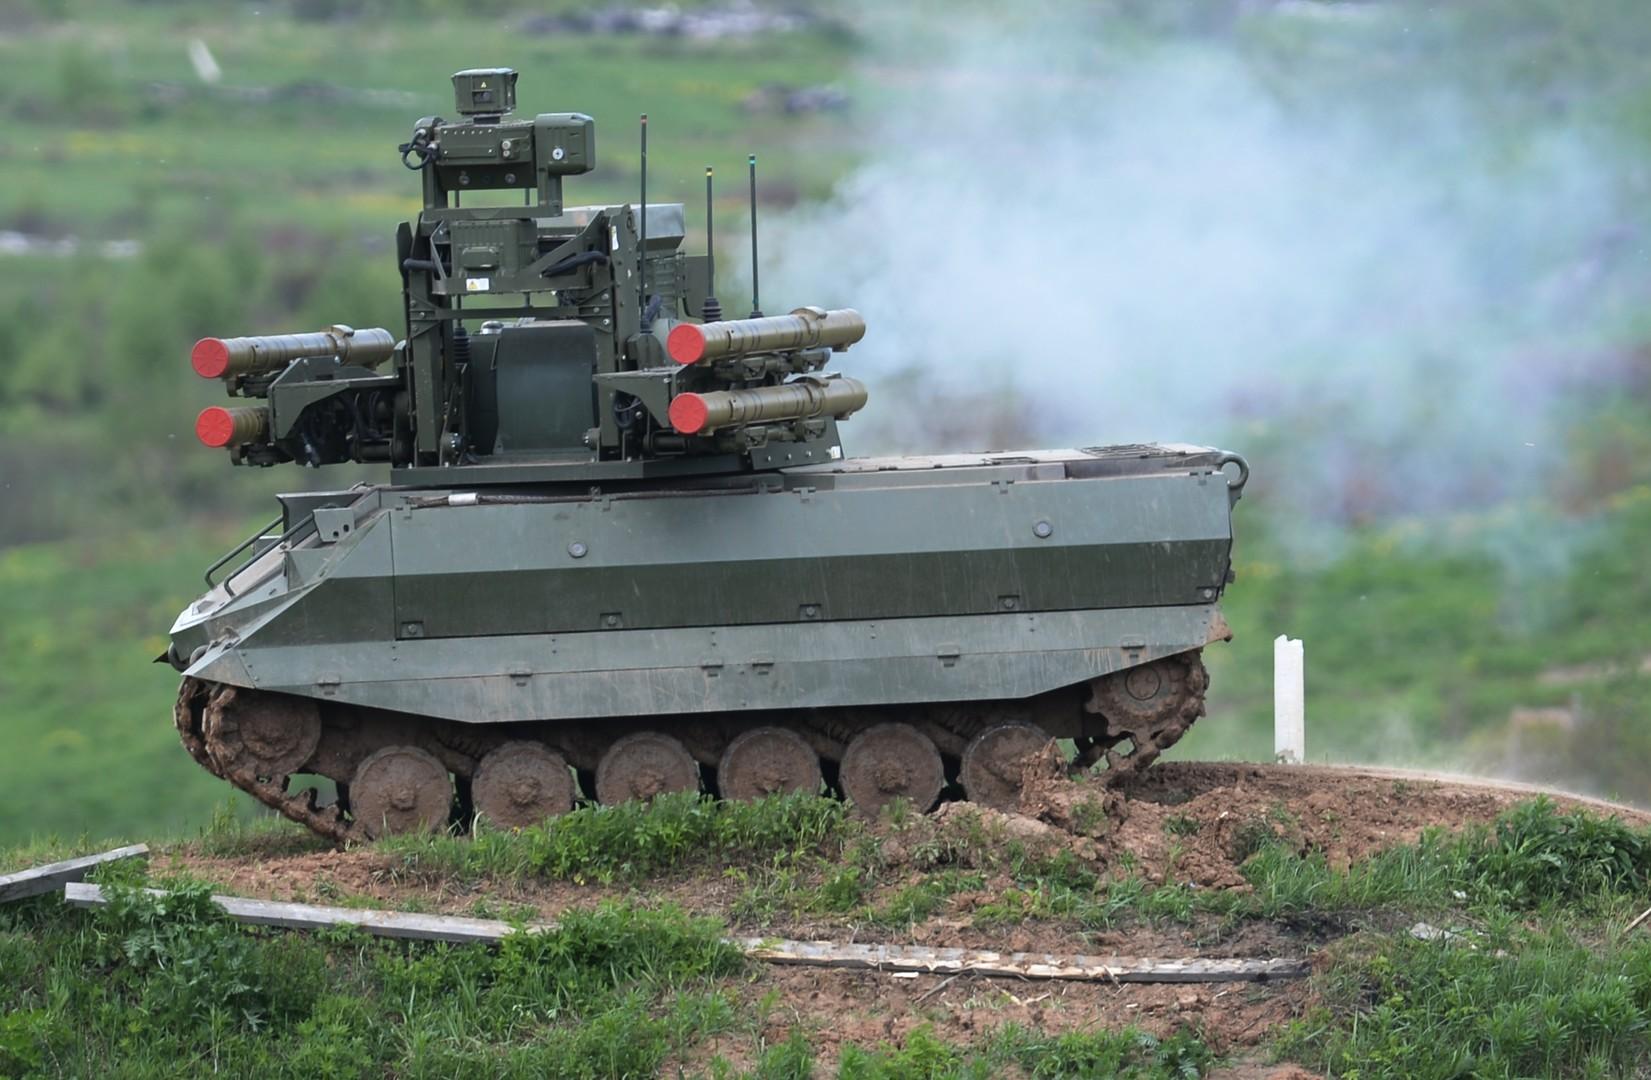 Haltet den Dieb? USA sehen Gefahr in russischen und chinesischen Waffen mit künstlicher Intelligenz